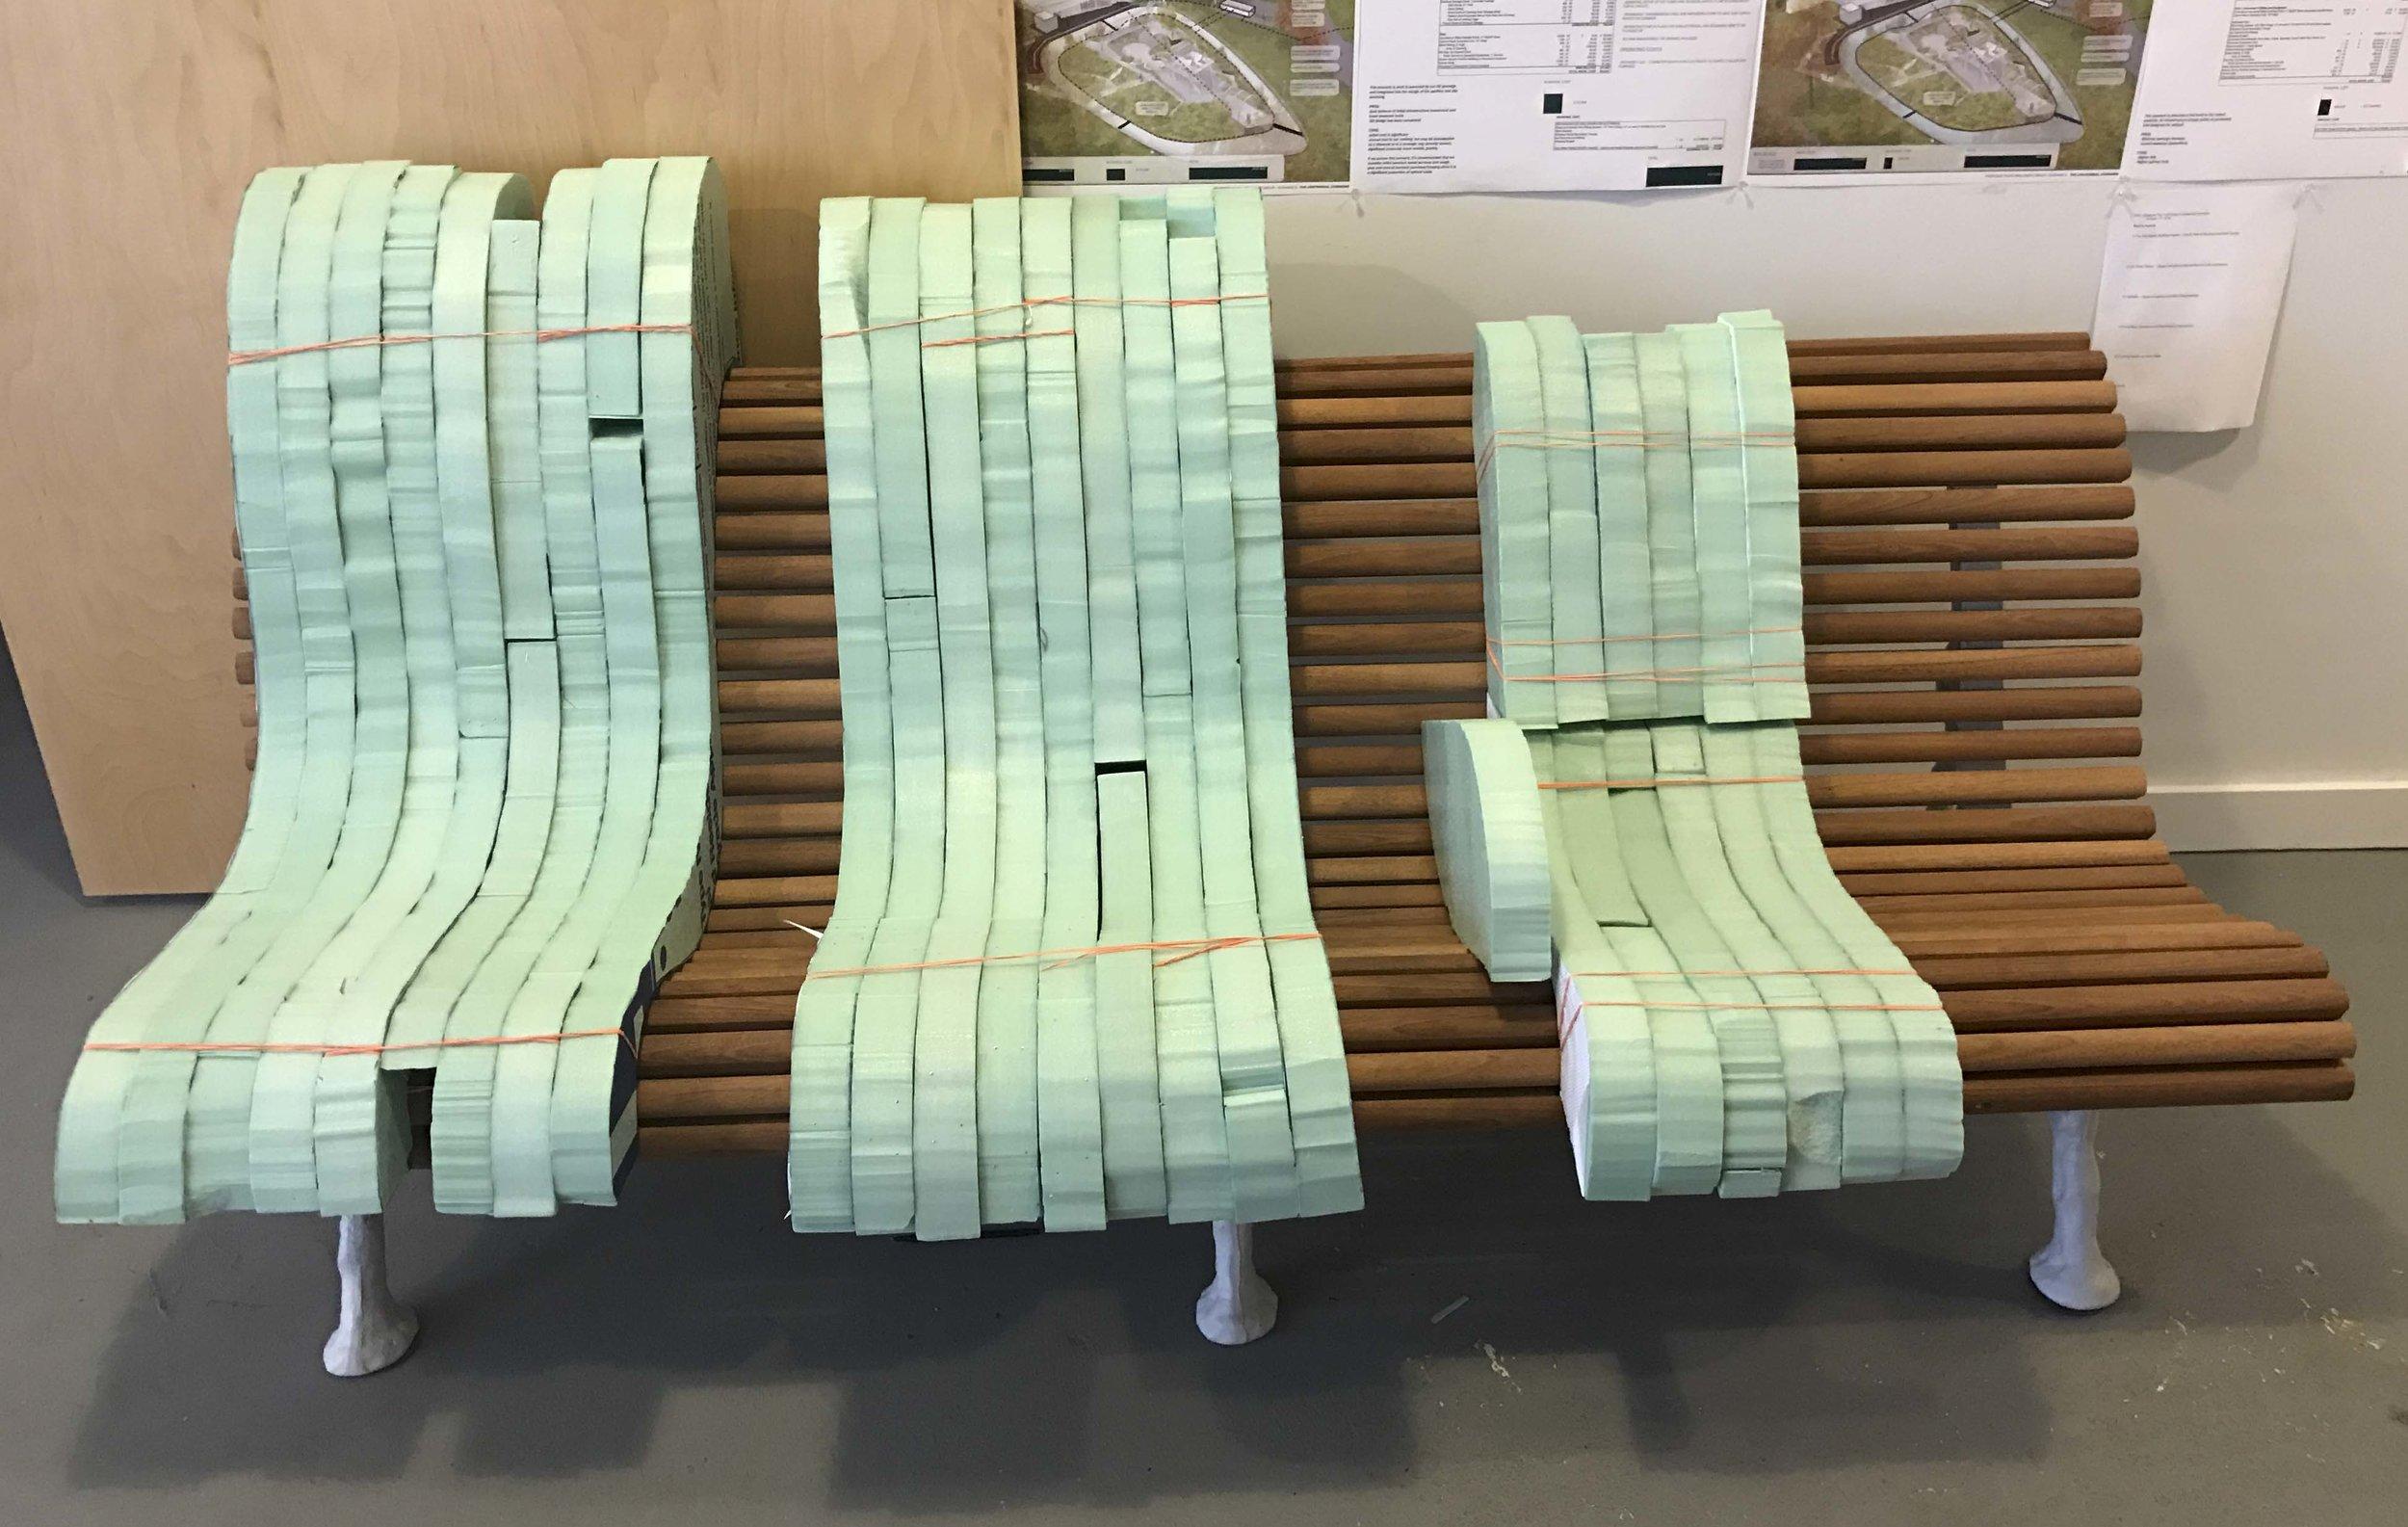 08_bench.JPG